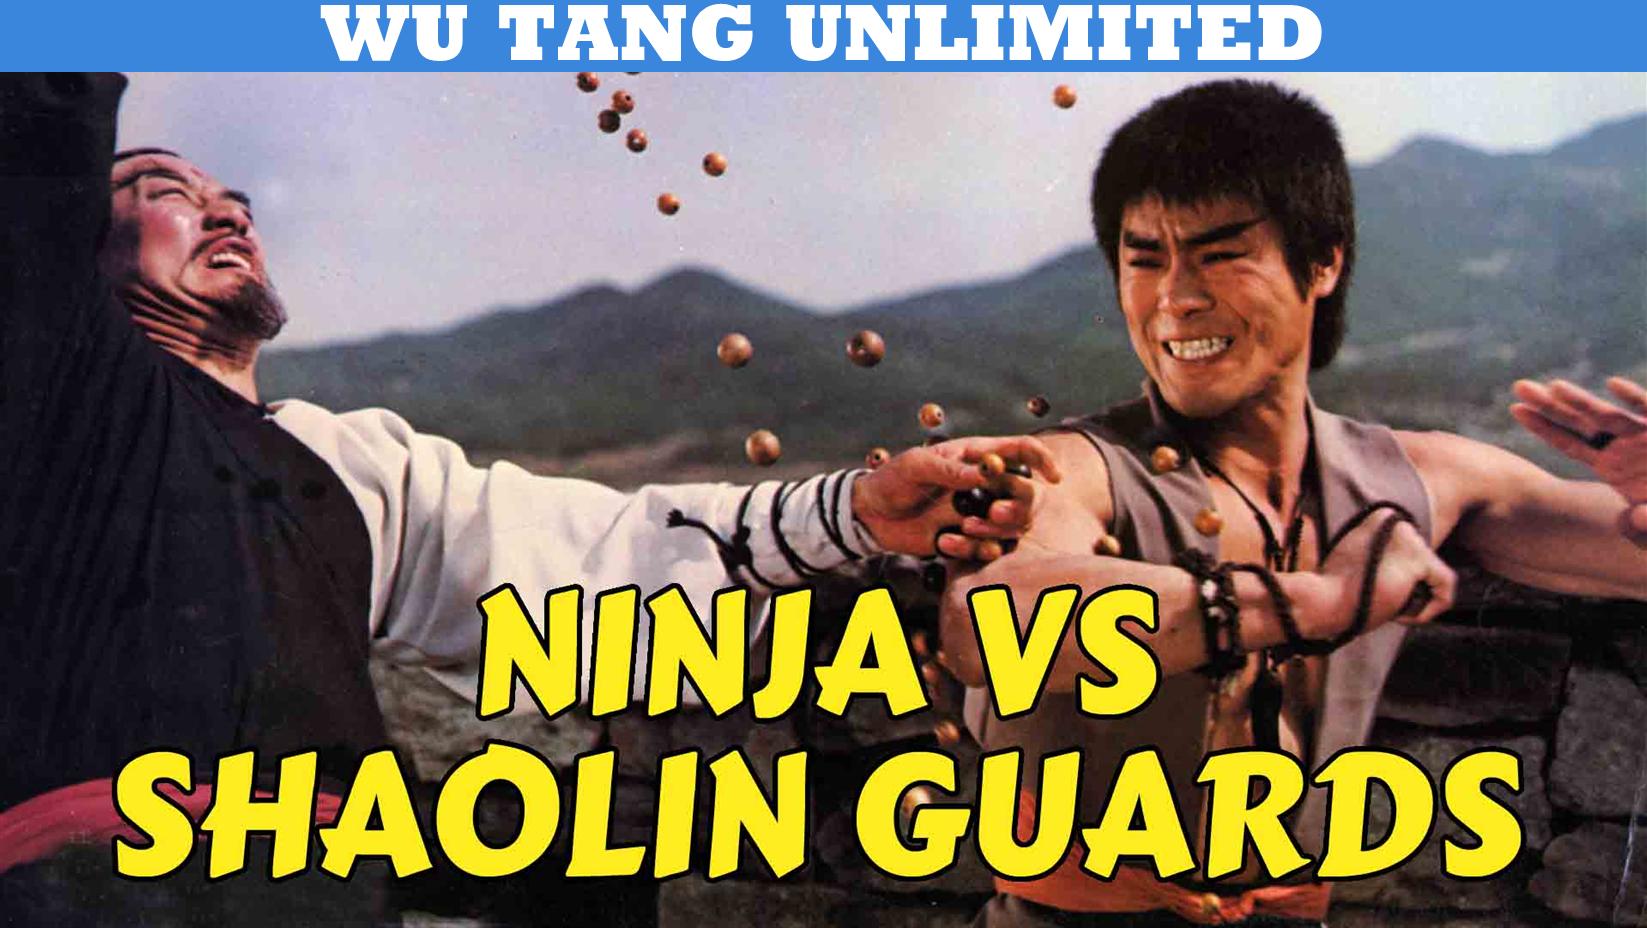 Ninja vs Shaolin Guards